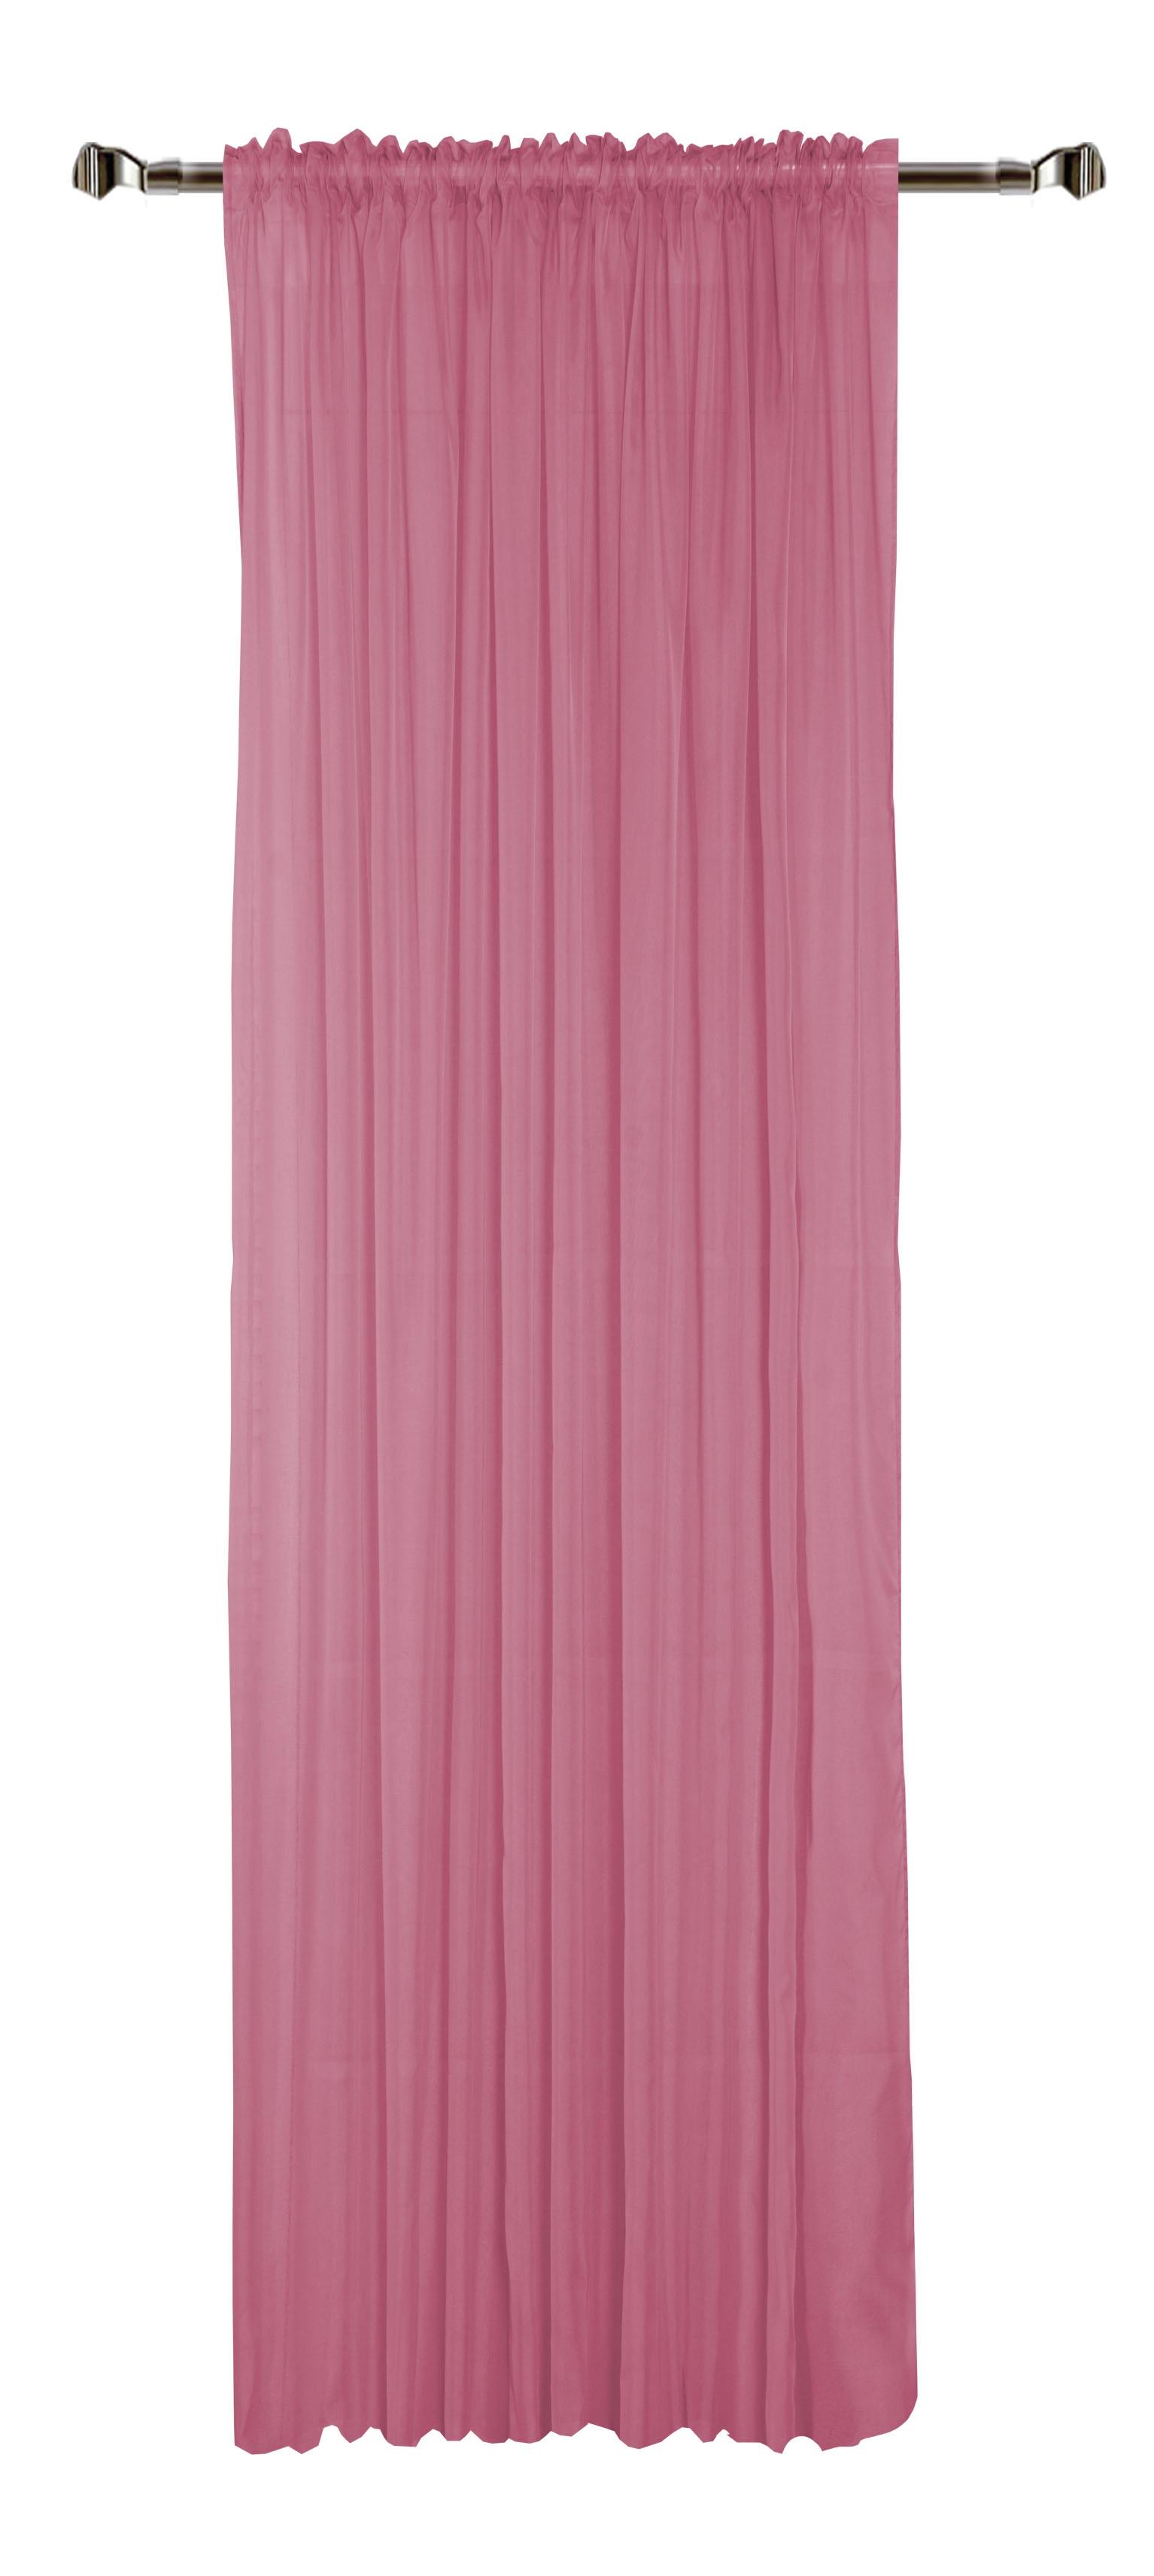 Perdea Home Voile-58 Pink 300 x 280 cm 1 bucata